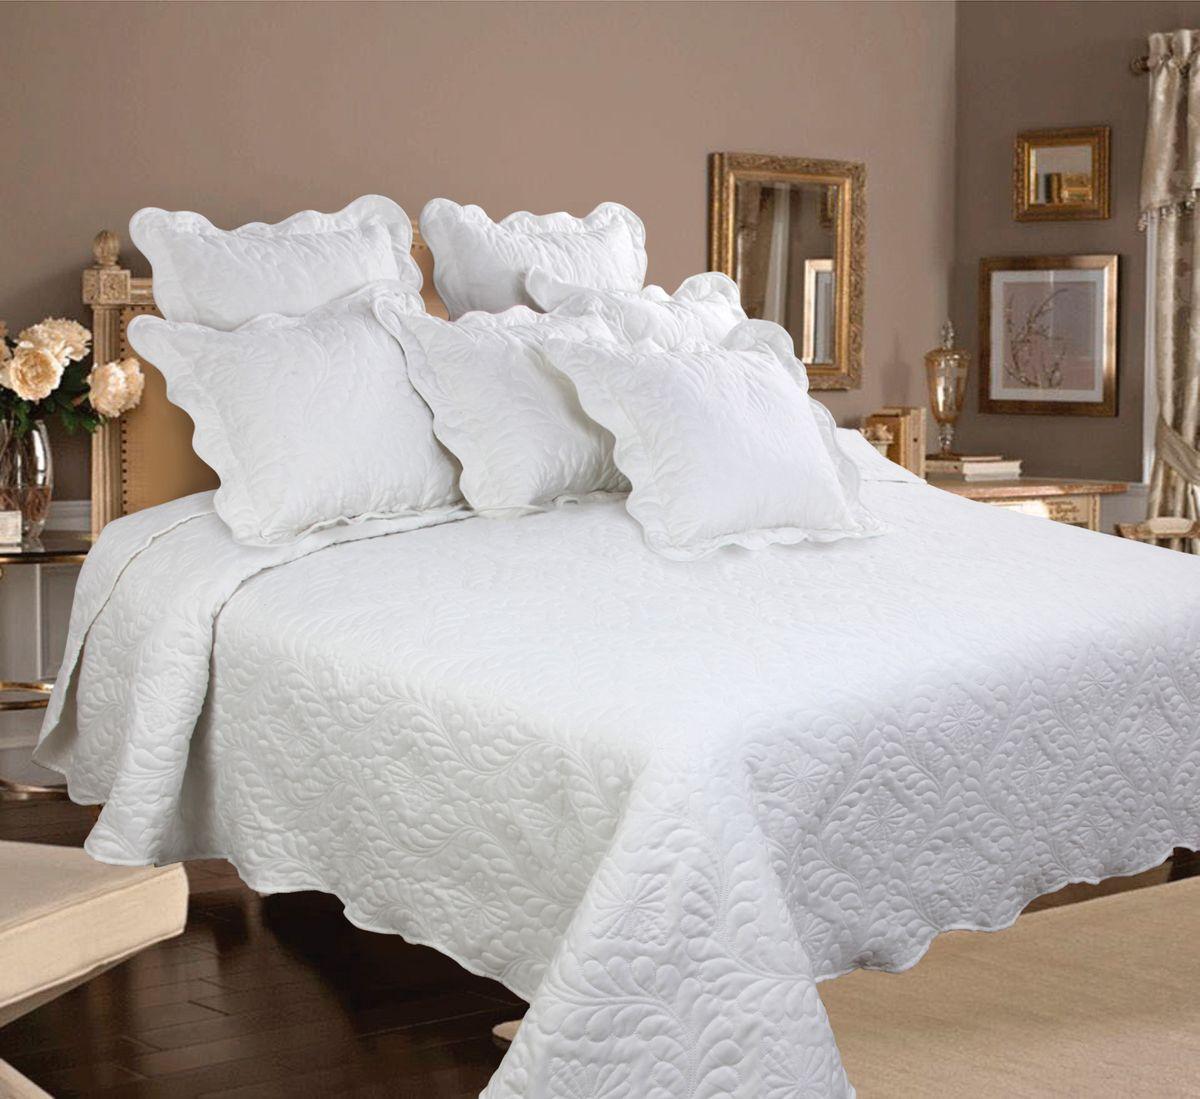 Комплект для спальни Mona Liza Royal White: покрывало 200 х 220 см, 2 наволочки 40 х 40 см, цвет: белый540960/01Изысканный комплект для спальни Mona Liza Royal White состоит их стеганого покрывала и двух наволочек. Комплект выполнен из высококачественного полиэстера, оформлен декоративной ниточной стежкой, фигурным низом и обработан кантом. Комплект Mona Liza Royal - это отличный способ придать спальне уют и привнести в интерьер что-то новое. В комплект входит: Покрывало - 1 шт. Размер: 200 см х 220 см. Наволочка - 2 шт. Размер: 40 см х 40 см.